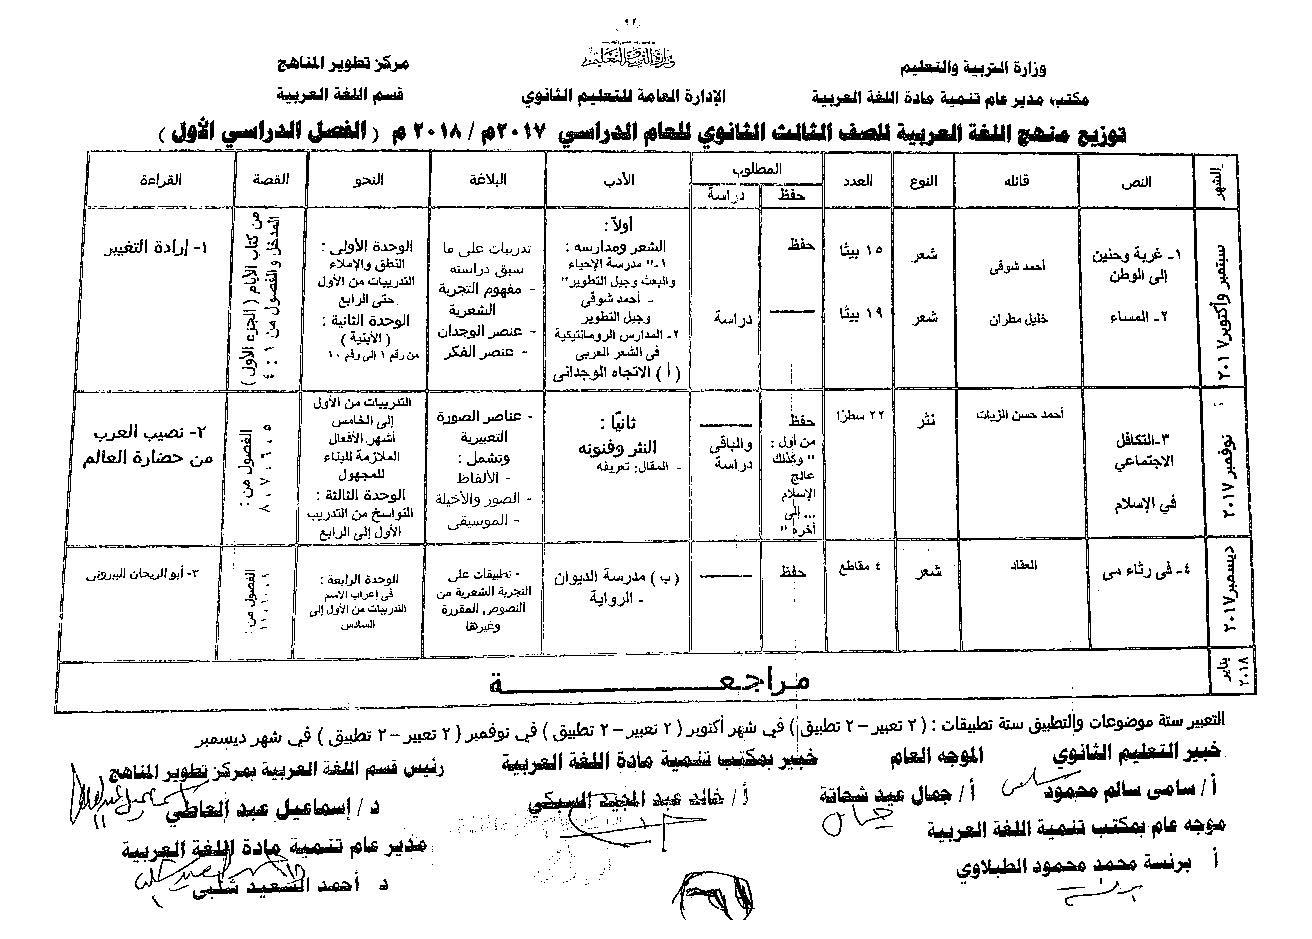 الخطة الزمنية و جدول توزيع منهج اللغة العربية للصف الثالث الثانوى كاملا .